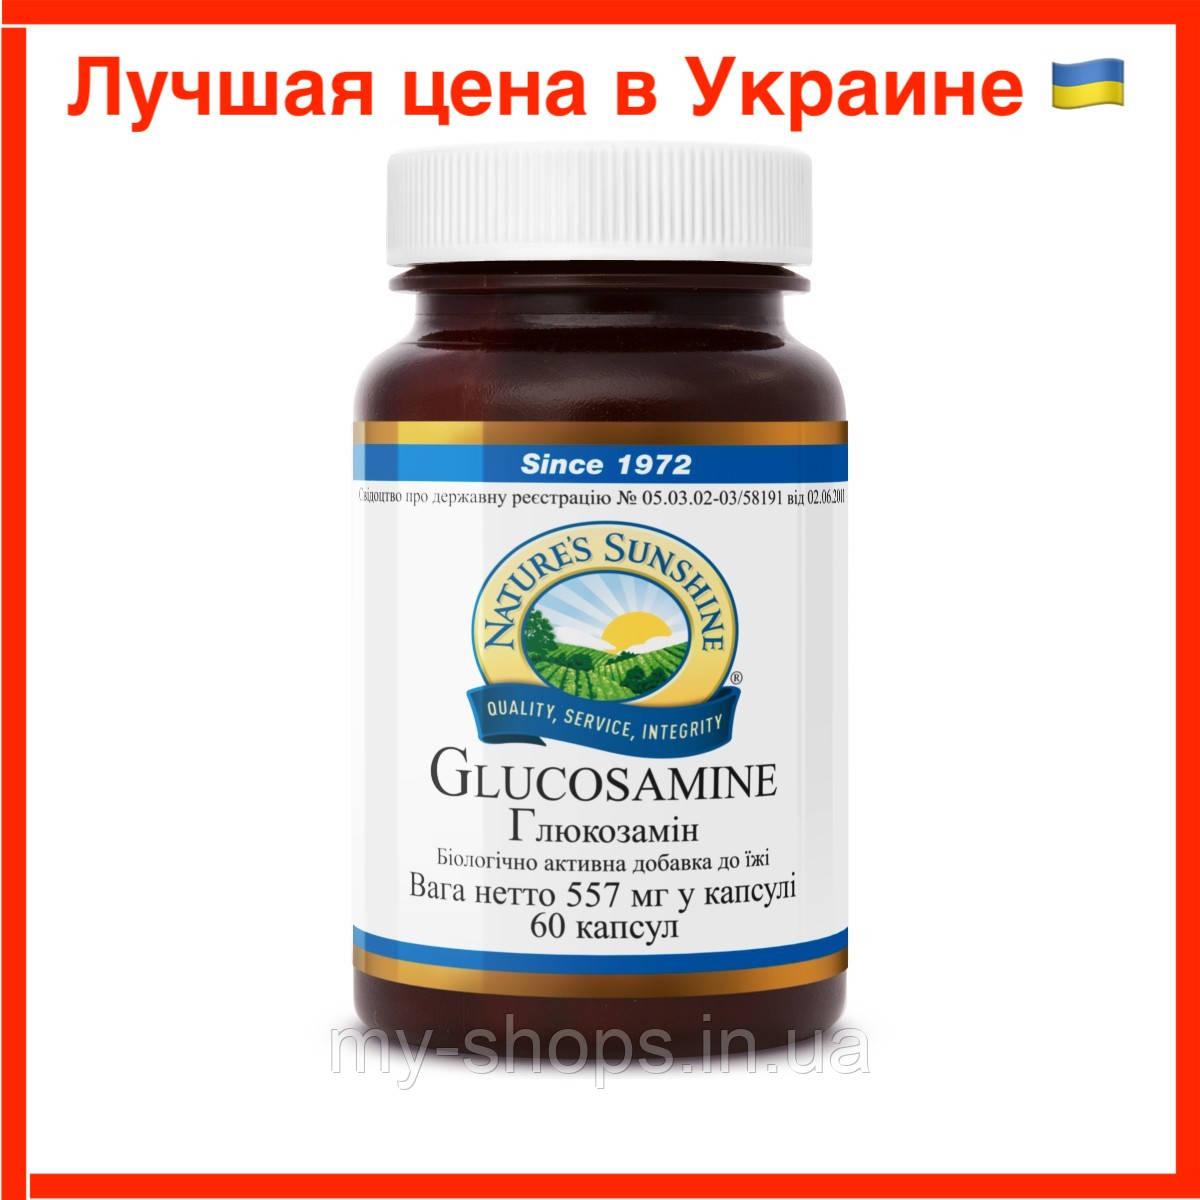 Глюкозамин НСП. Глюкозамин NSP. НАТУРАЛЬНАЯ БИОДОБАВКА